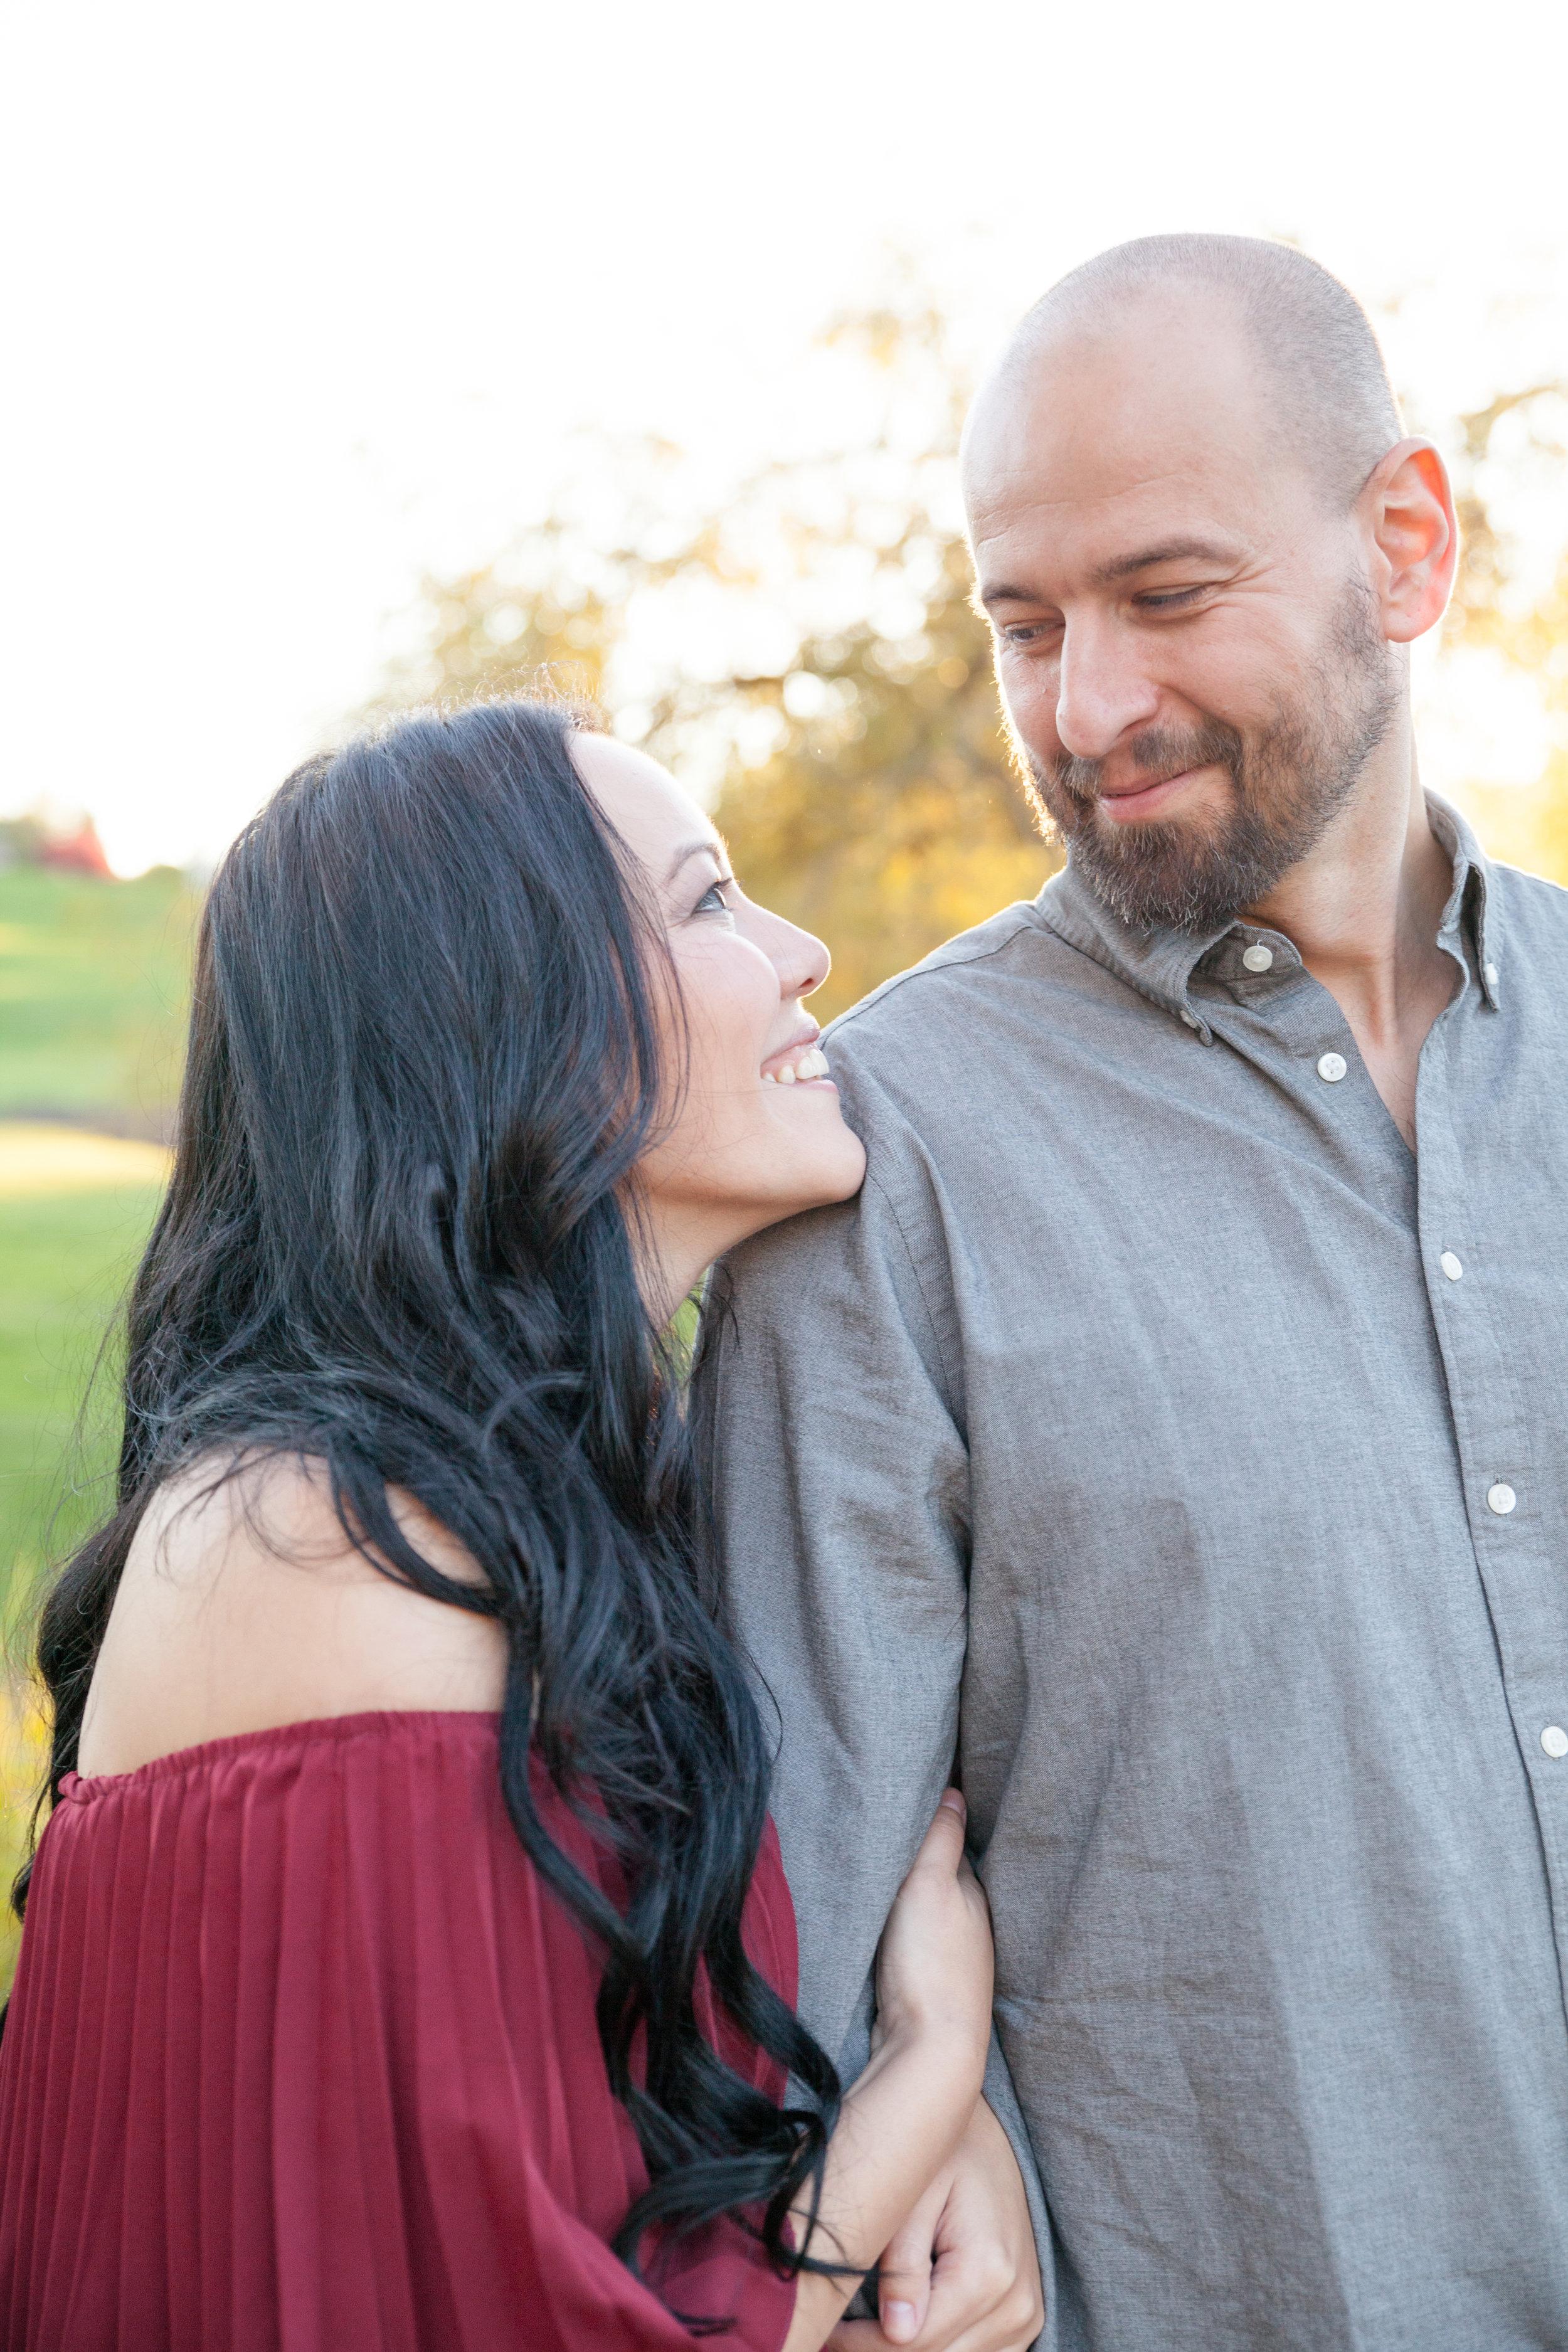 Diefenbaker Park Family Photos 2018-23.jpg